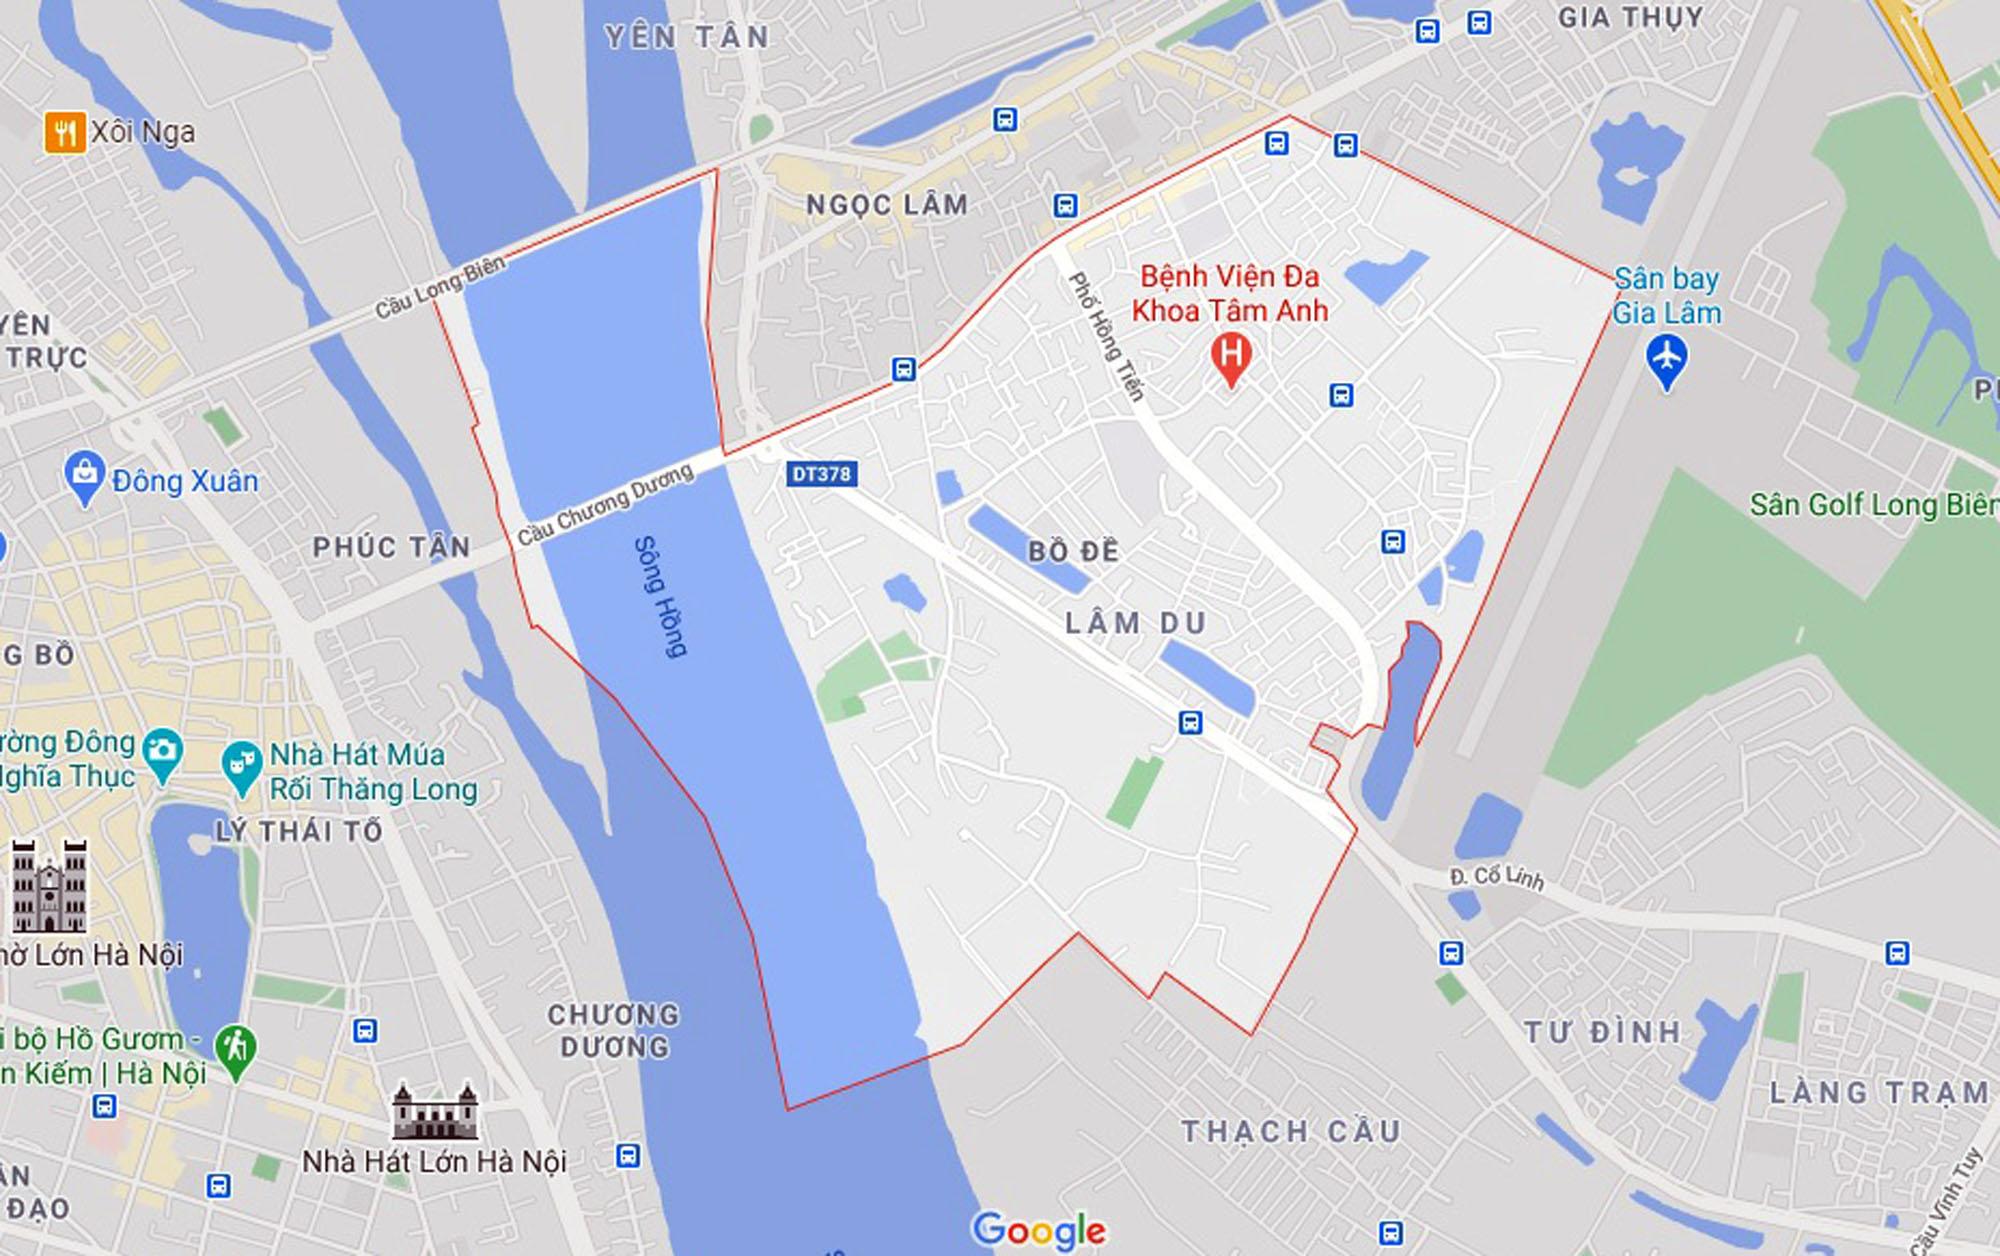 Những khu đất sắp thu hồi để mở đường ở phường Bồ Đề, Long Biên, Hà Nội (phần 1) - Ảnh 1.